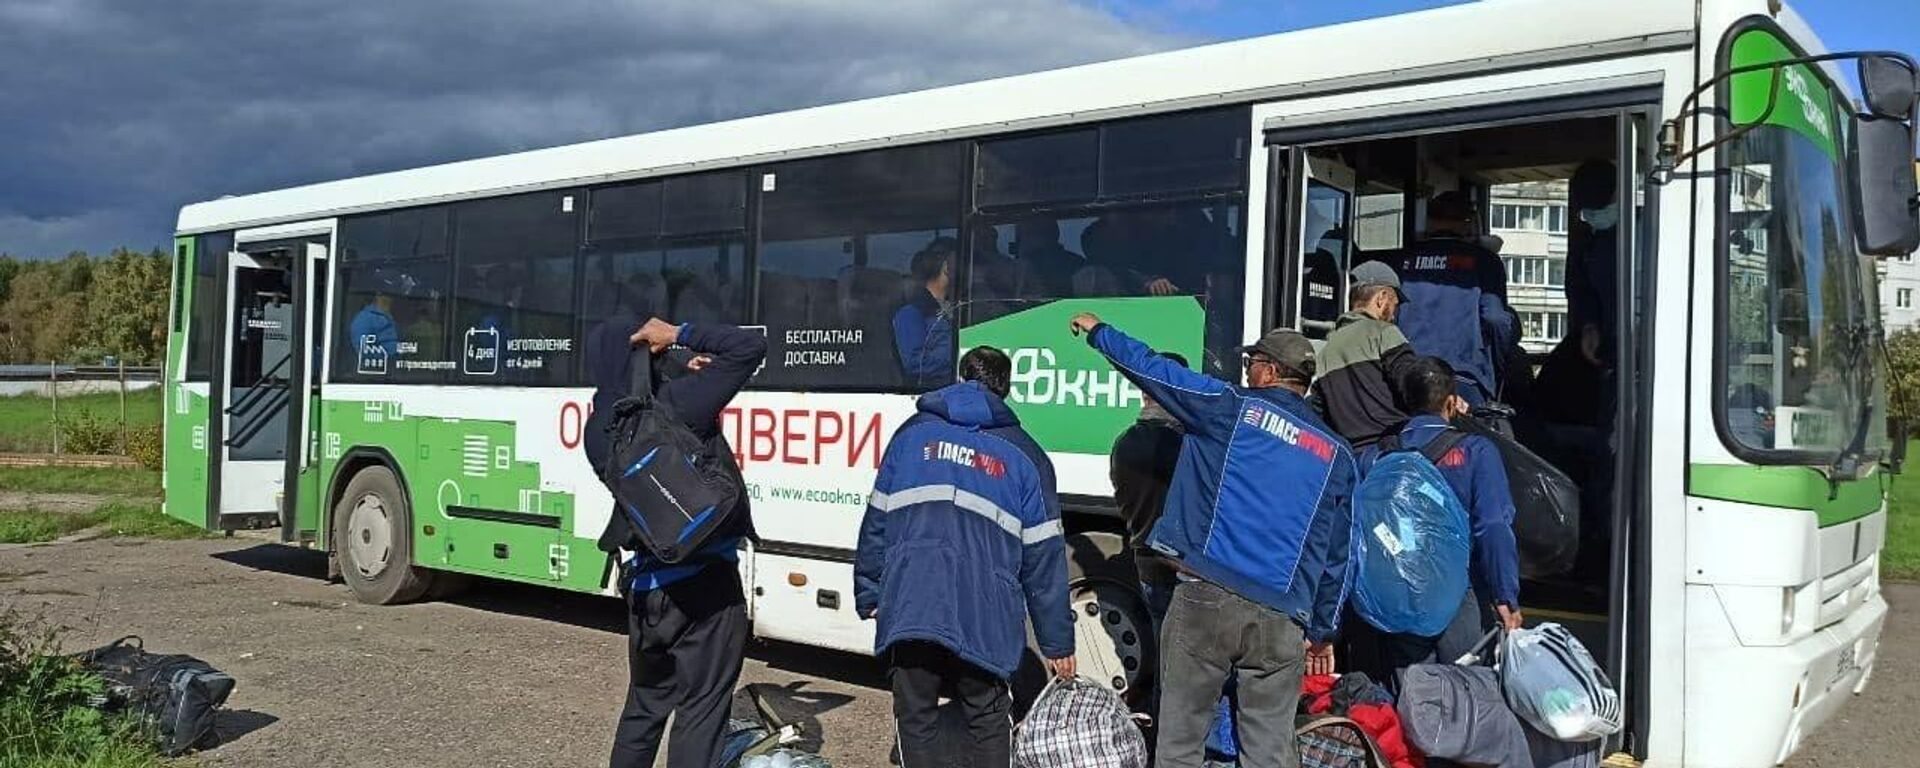 Мигранты покидают общежитие в селе Бужаниново - Sputnik Узбекистан, 1920, 15.09.2021